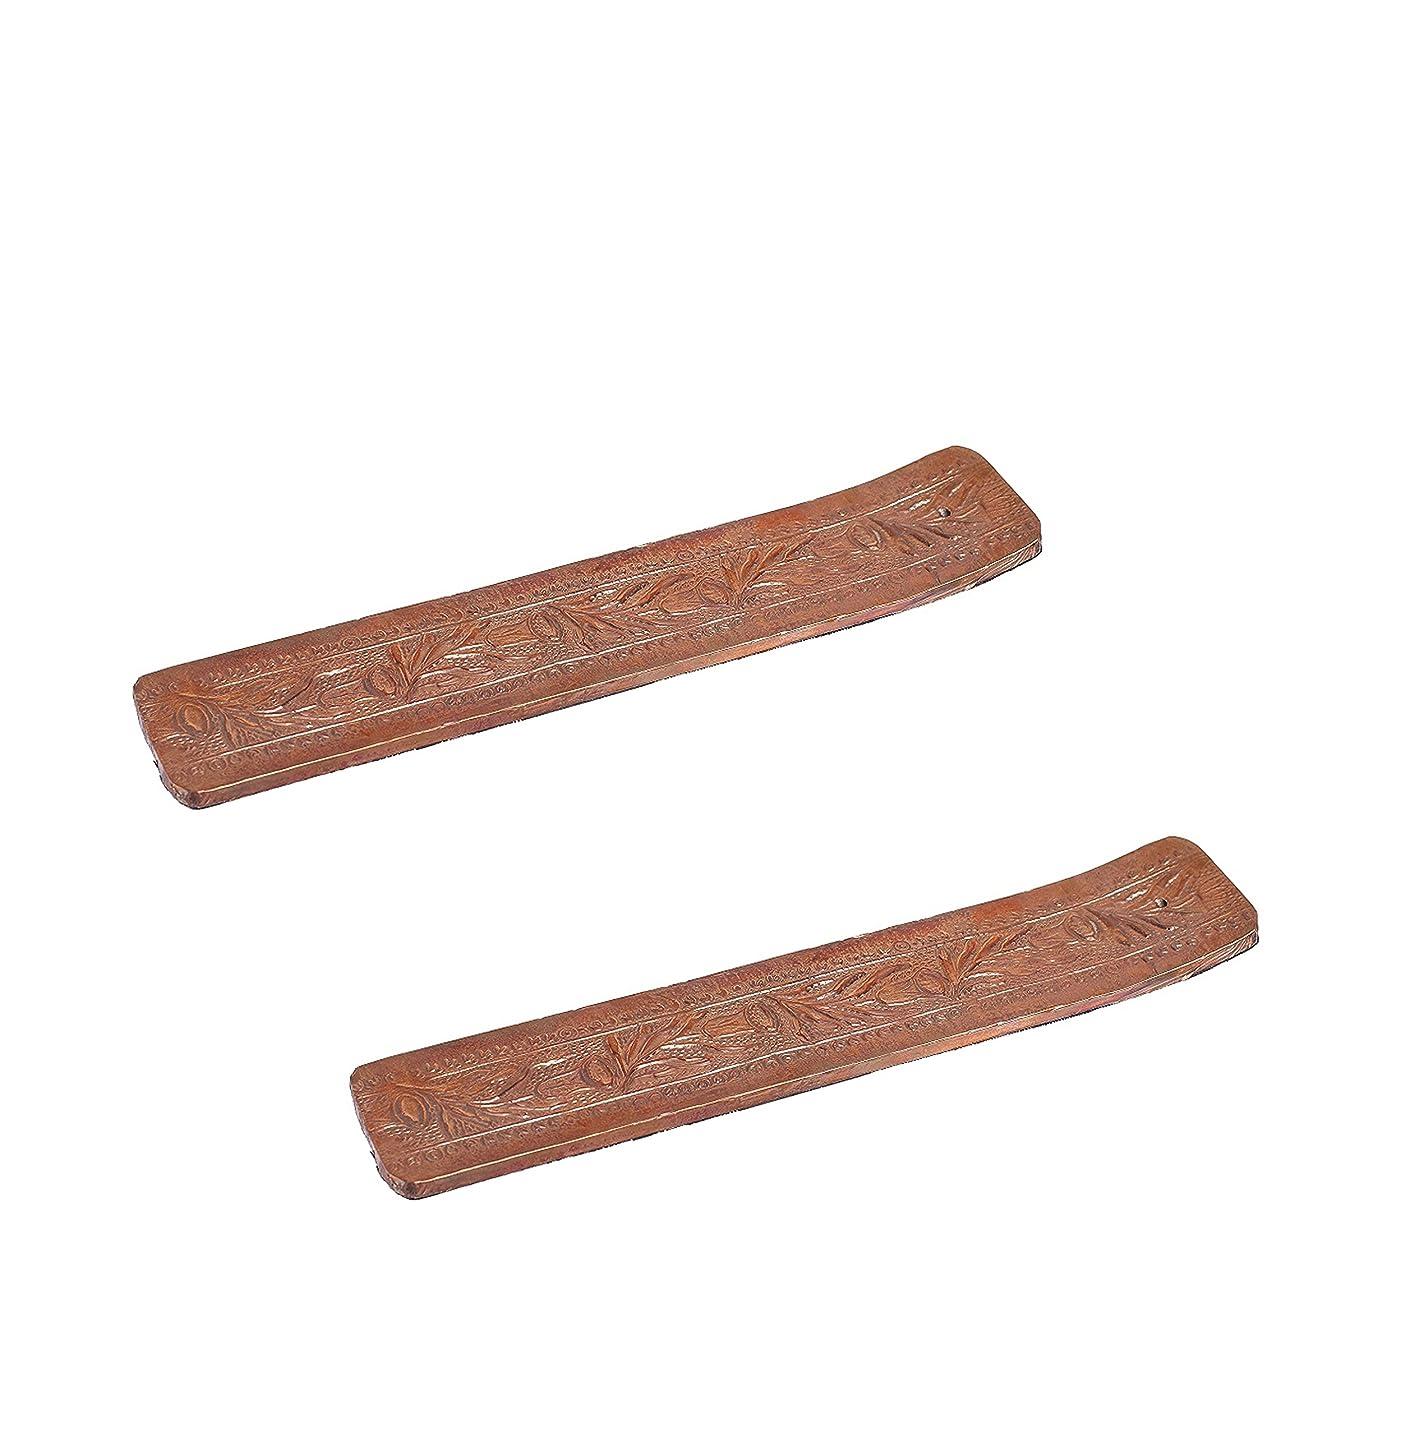 手荷物かんたん汚染されたHosley 2のセット、木製お香スティックholder- 10.50?